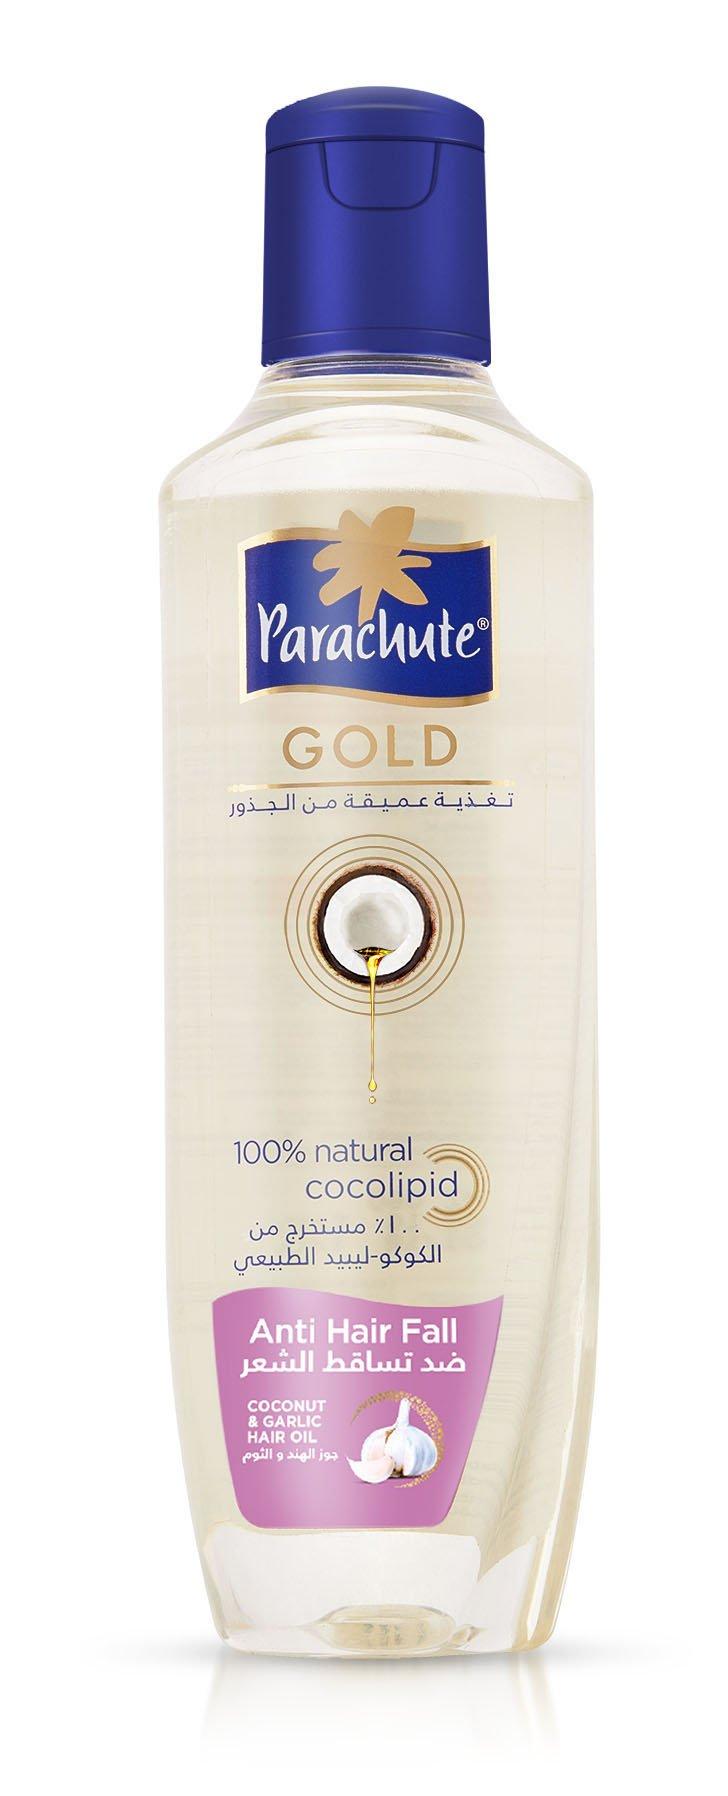 Parachute Gold Hair Oil Anti Hair Fall - 6.8 fl.oz. (200ml) - Coconut & Garlic Hair Care Oil